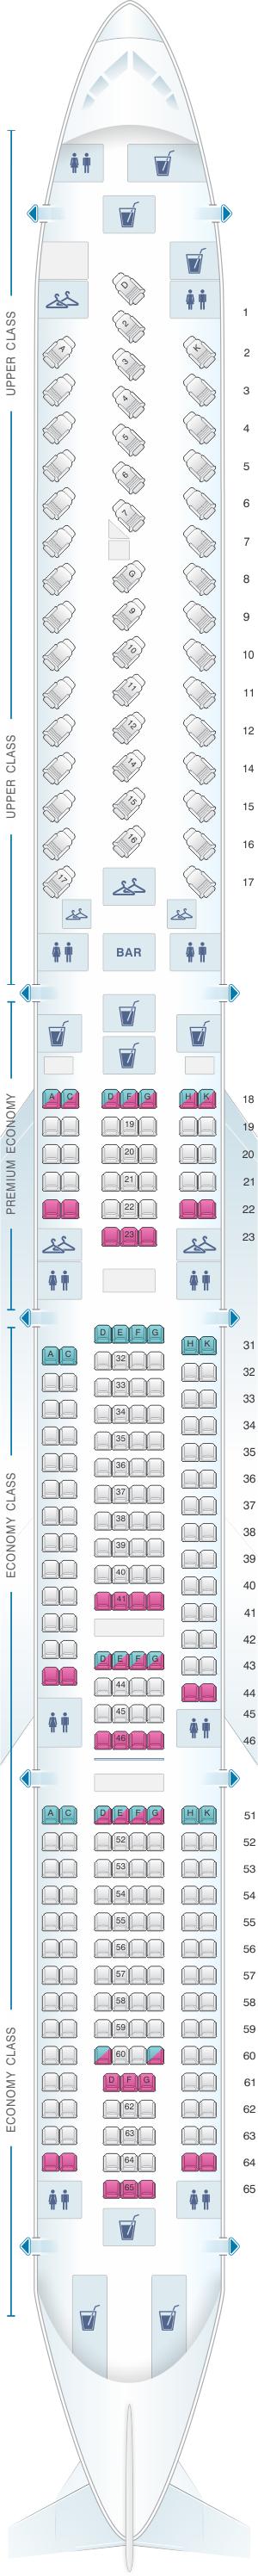 Seat map for Virgin Atlantic Airbus A340 600